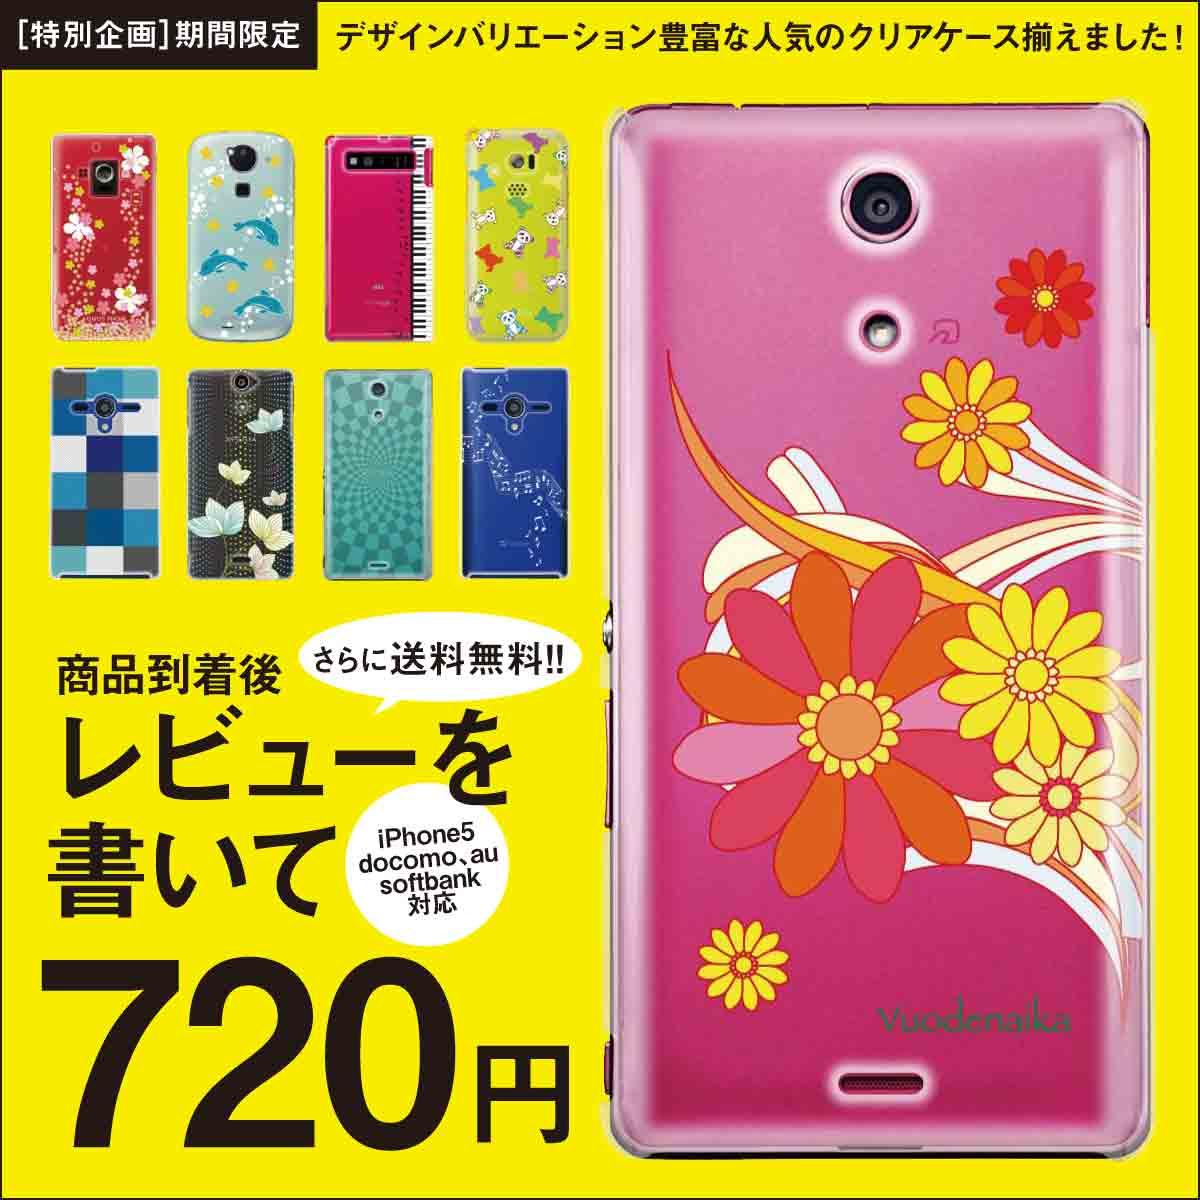 送料無料 スマホケース 全機種対応 ケース カバー ハードケース クリアケース iPhon…...:takara-jiang:10007976